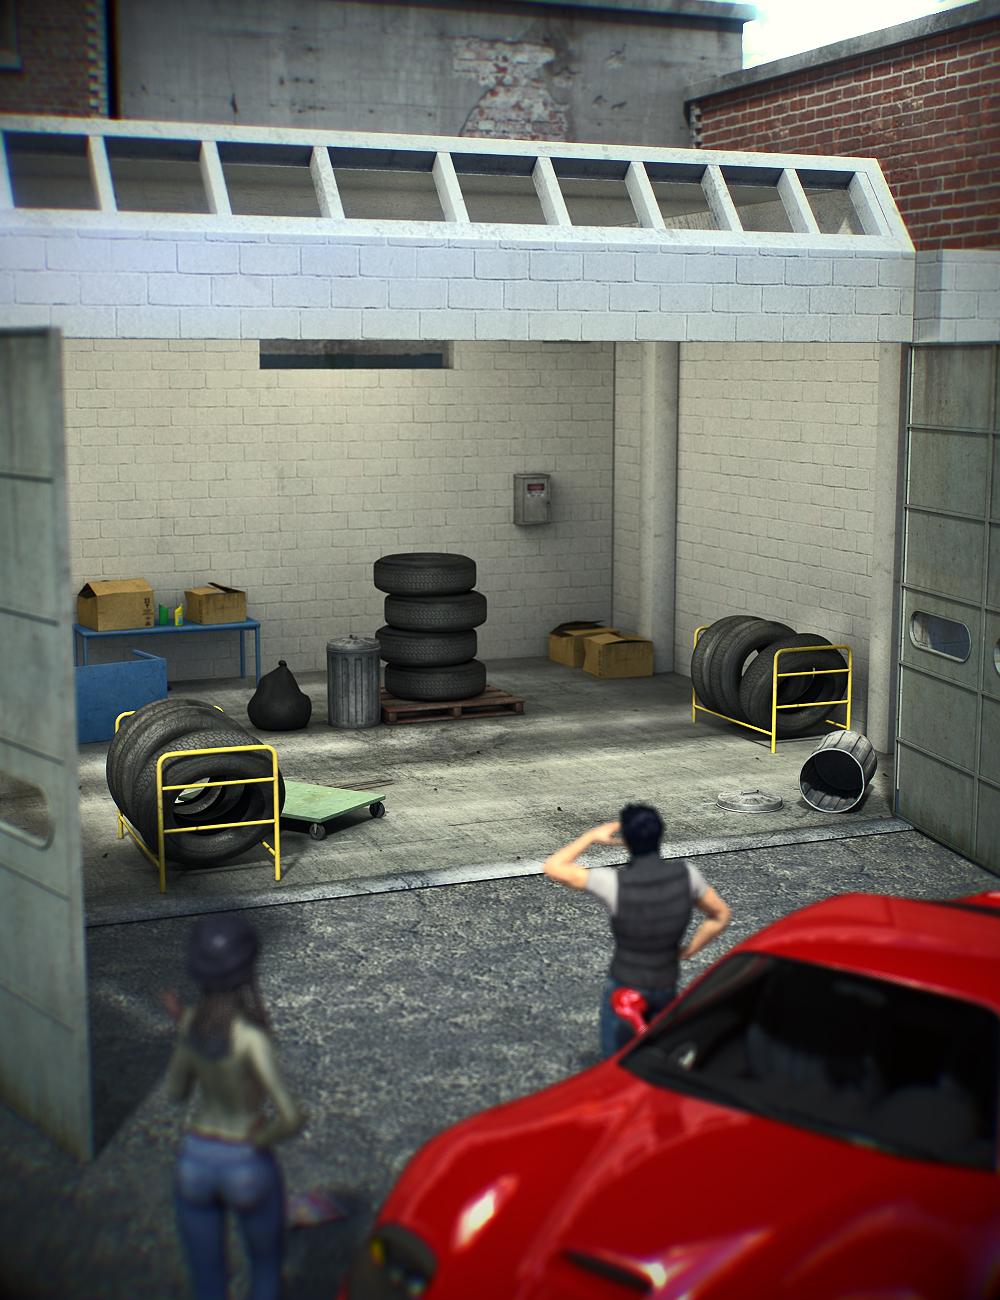 Garage Hideout by: Daz Originals, 3D Models by Daz 3D